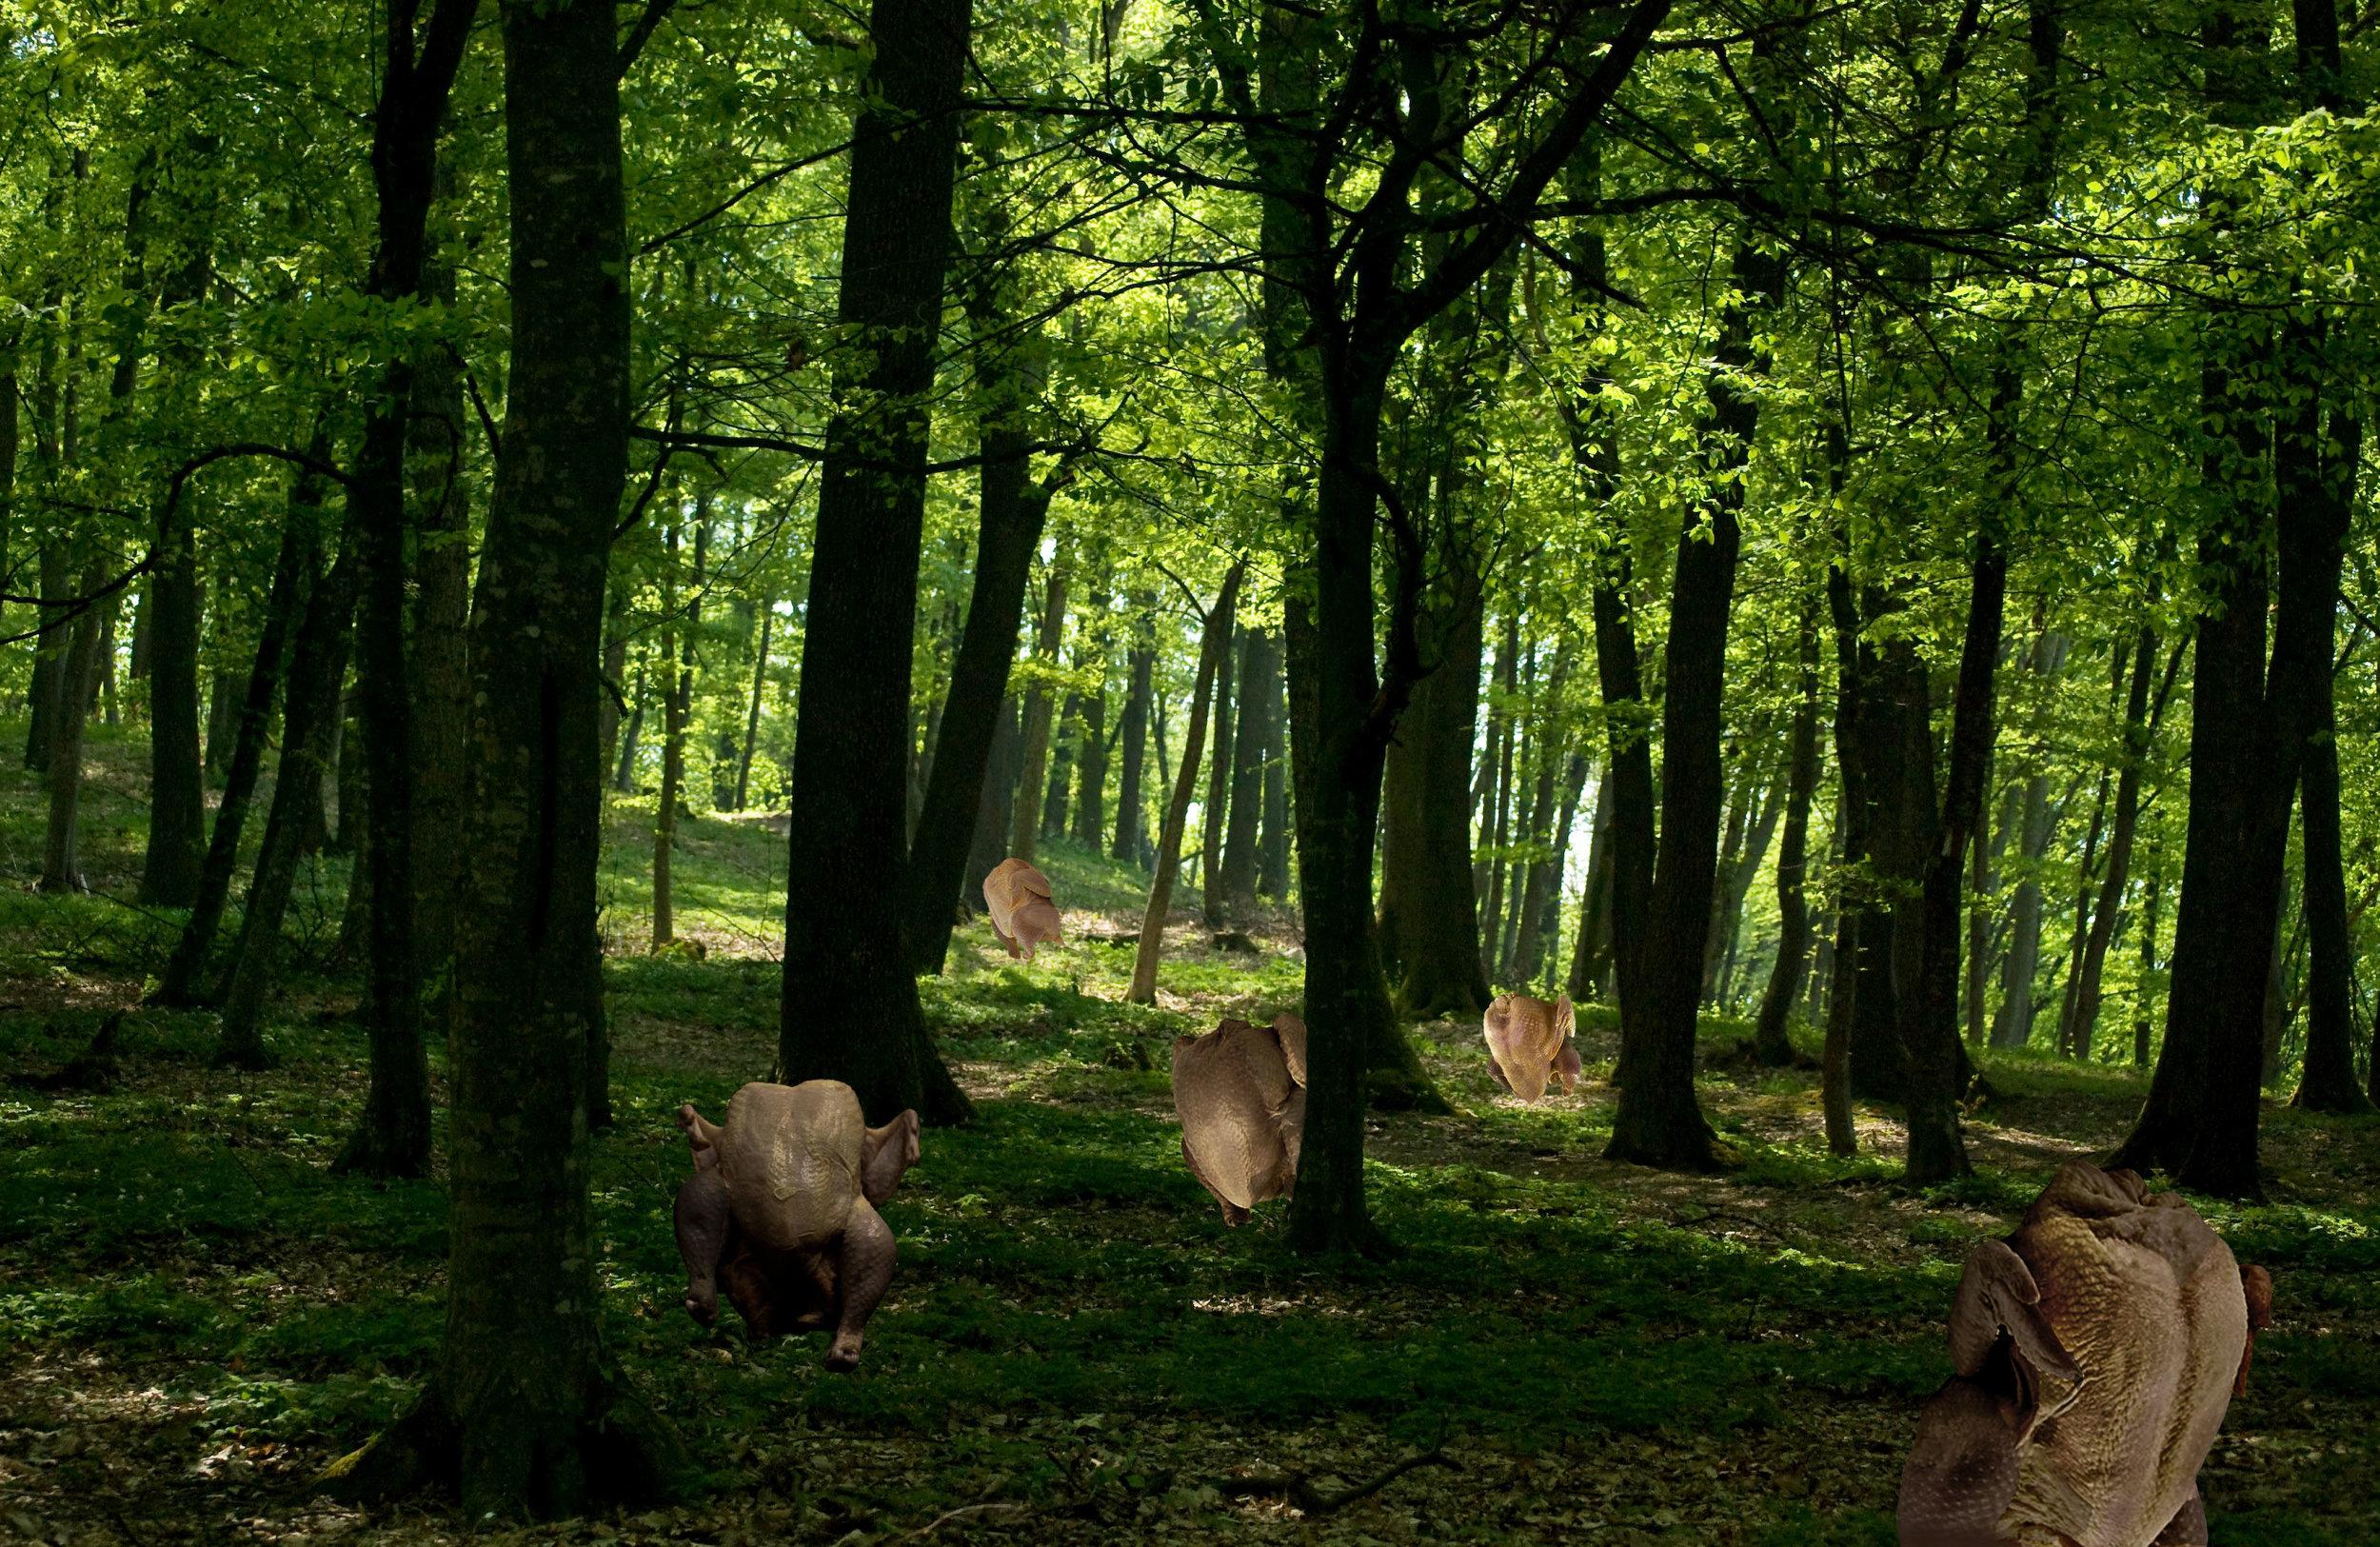 chicken-forest2.jpg